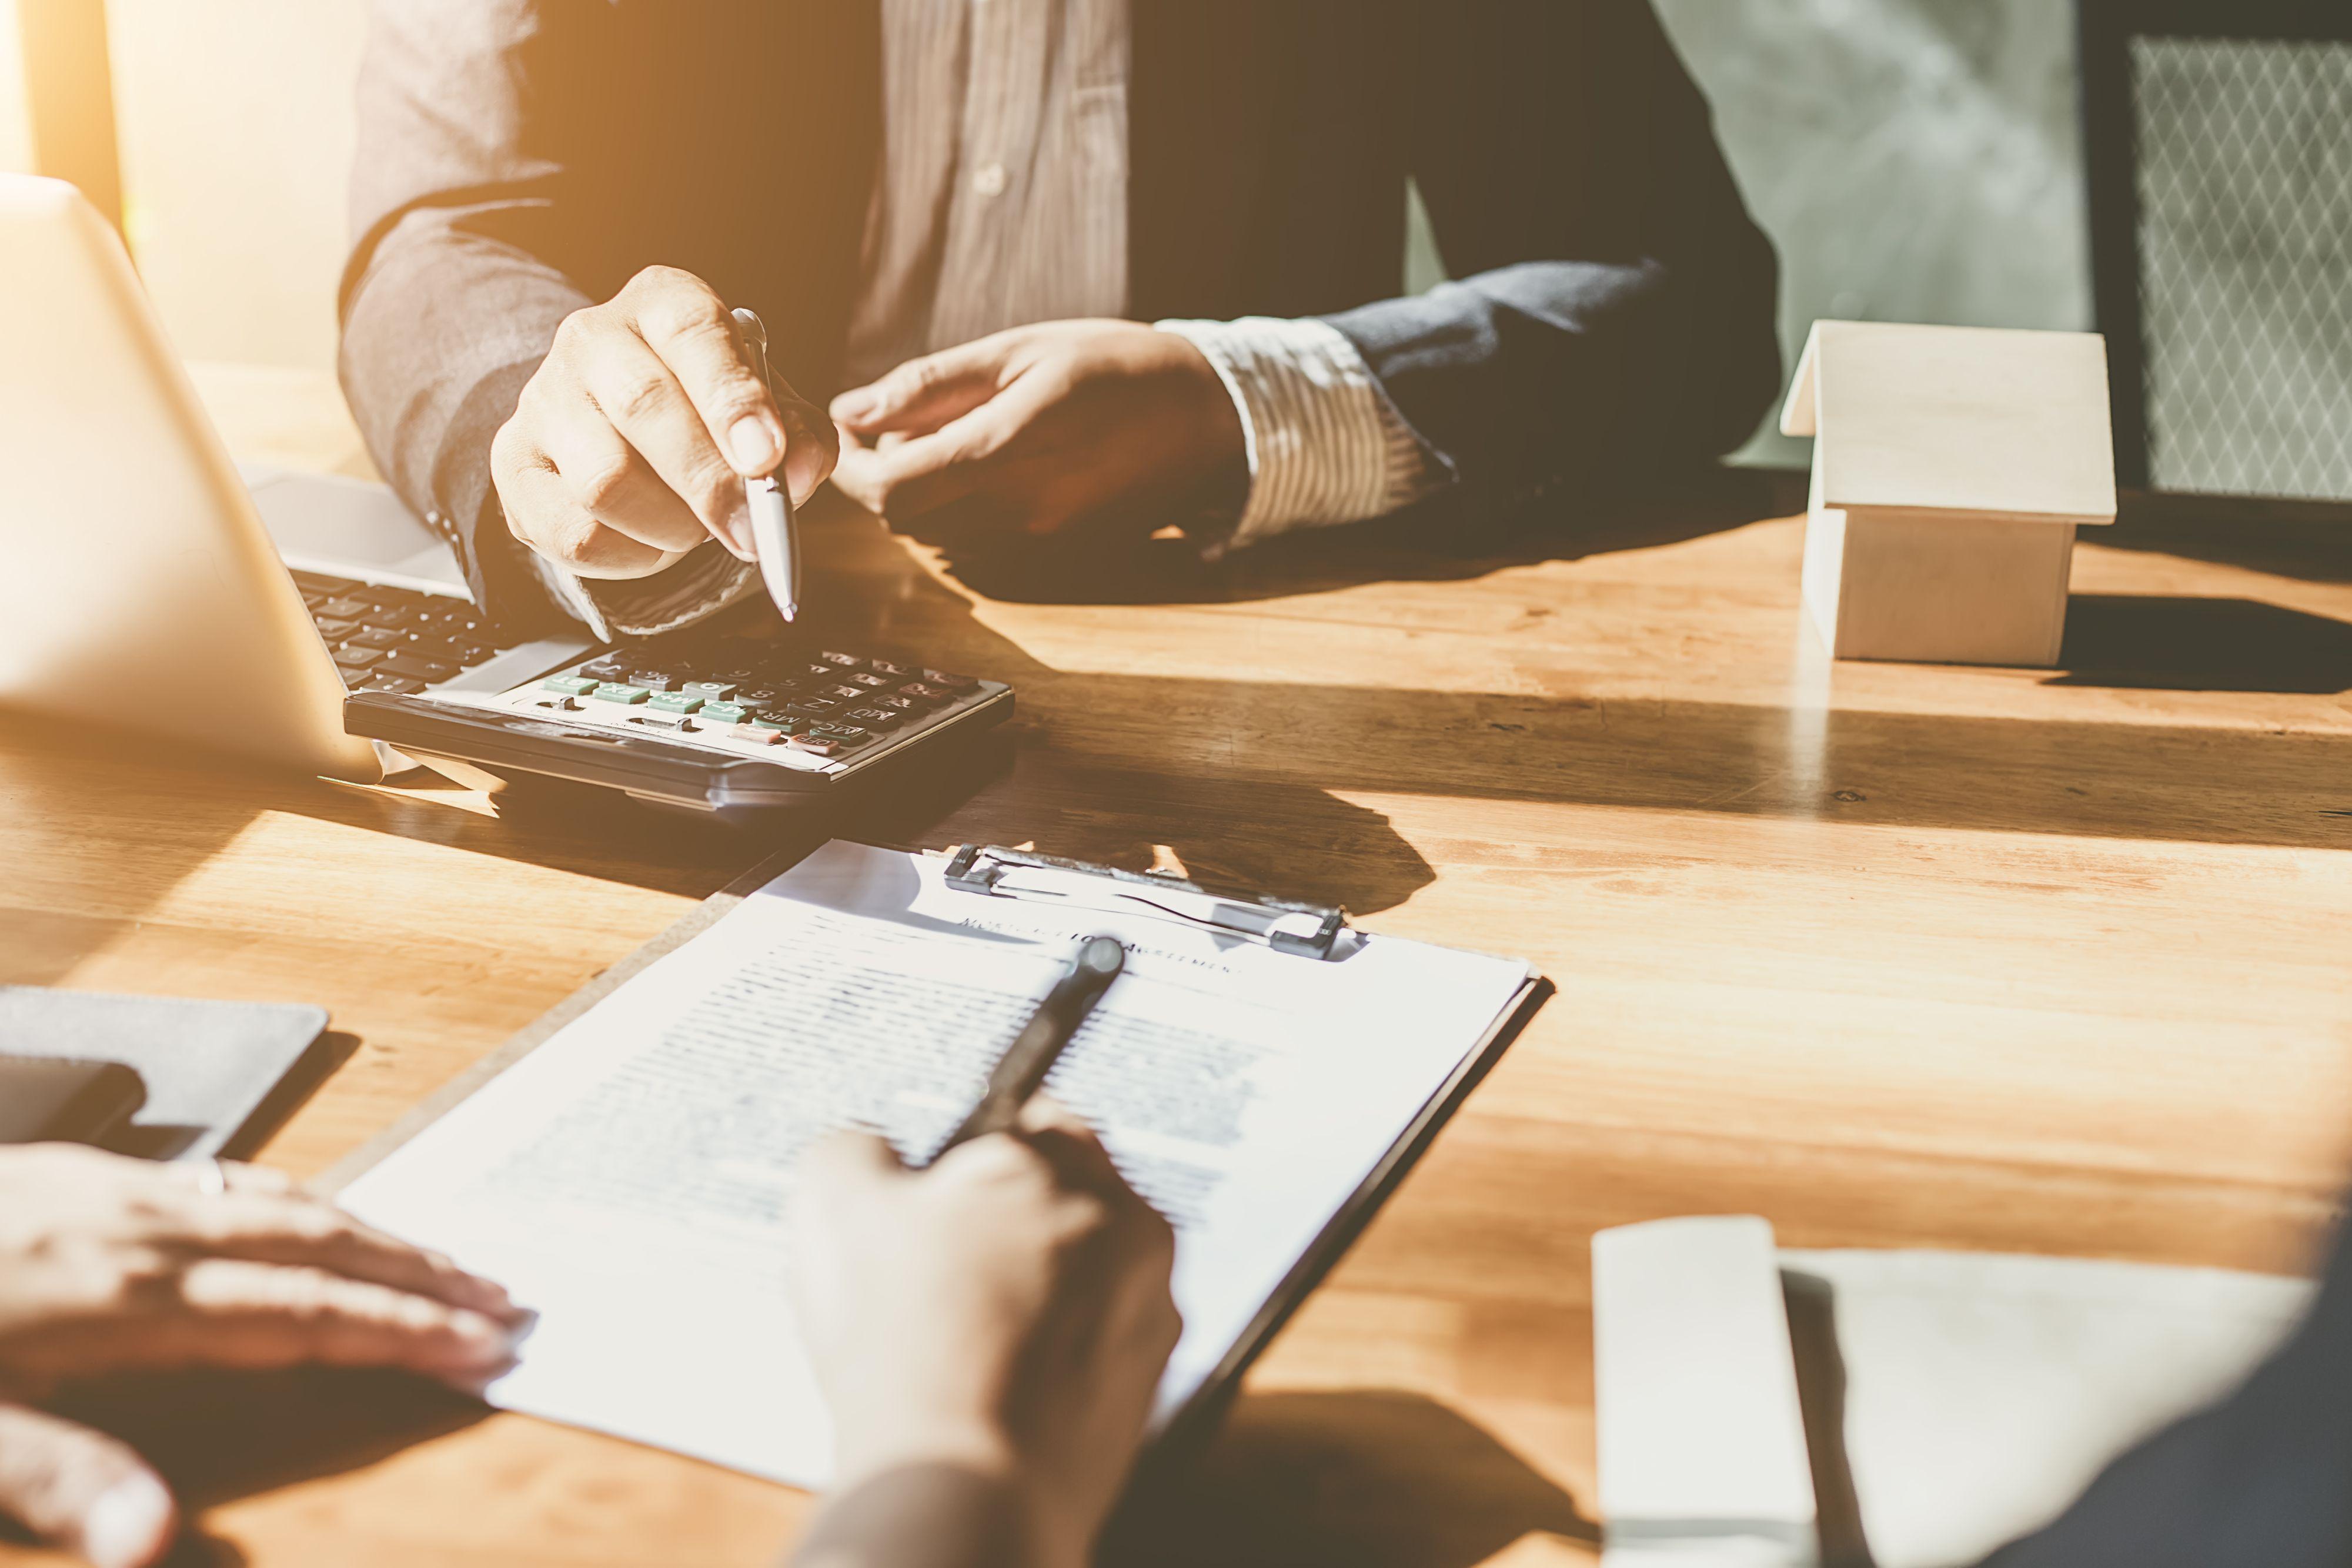 W bankowości obserwowana jest stabilizacja wynagrodzeń, a pracodawcy są zdecydowanie mniej skłonni odpowiadać na presję płacową (Fot. Shutterstock)